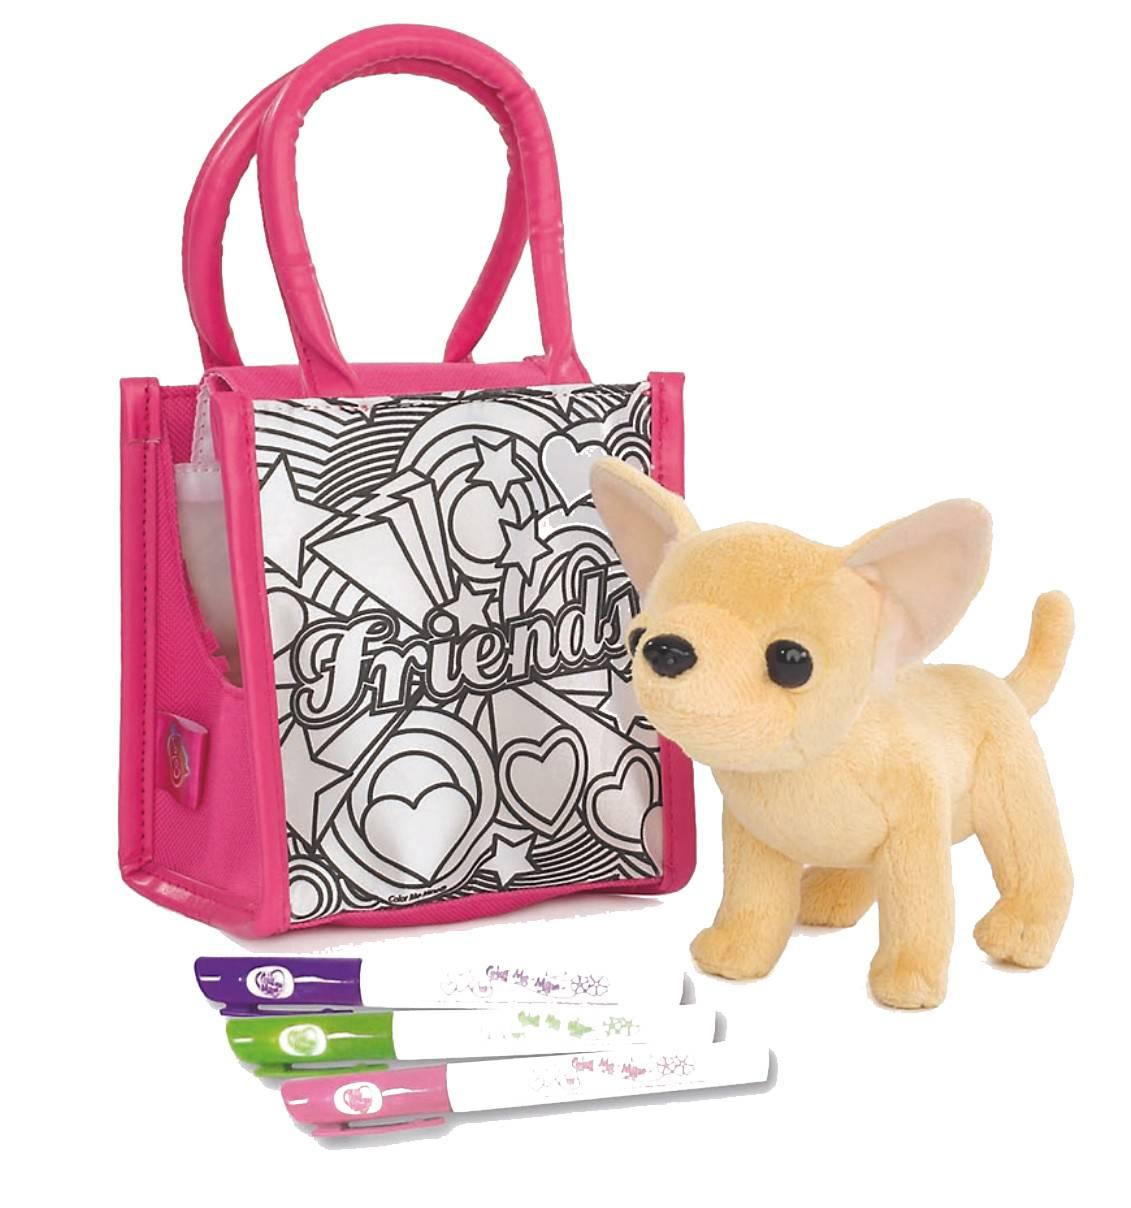 Игры для девочек что в сумке